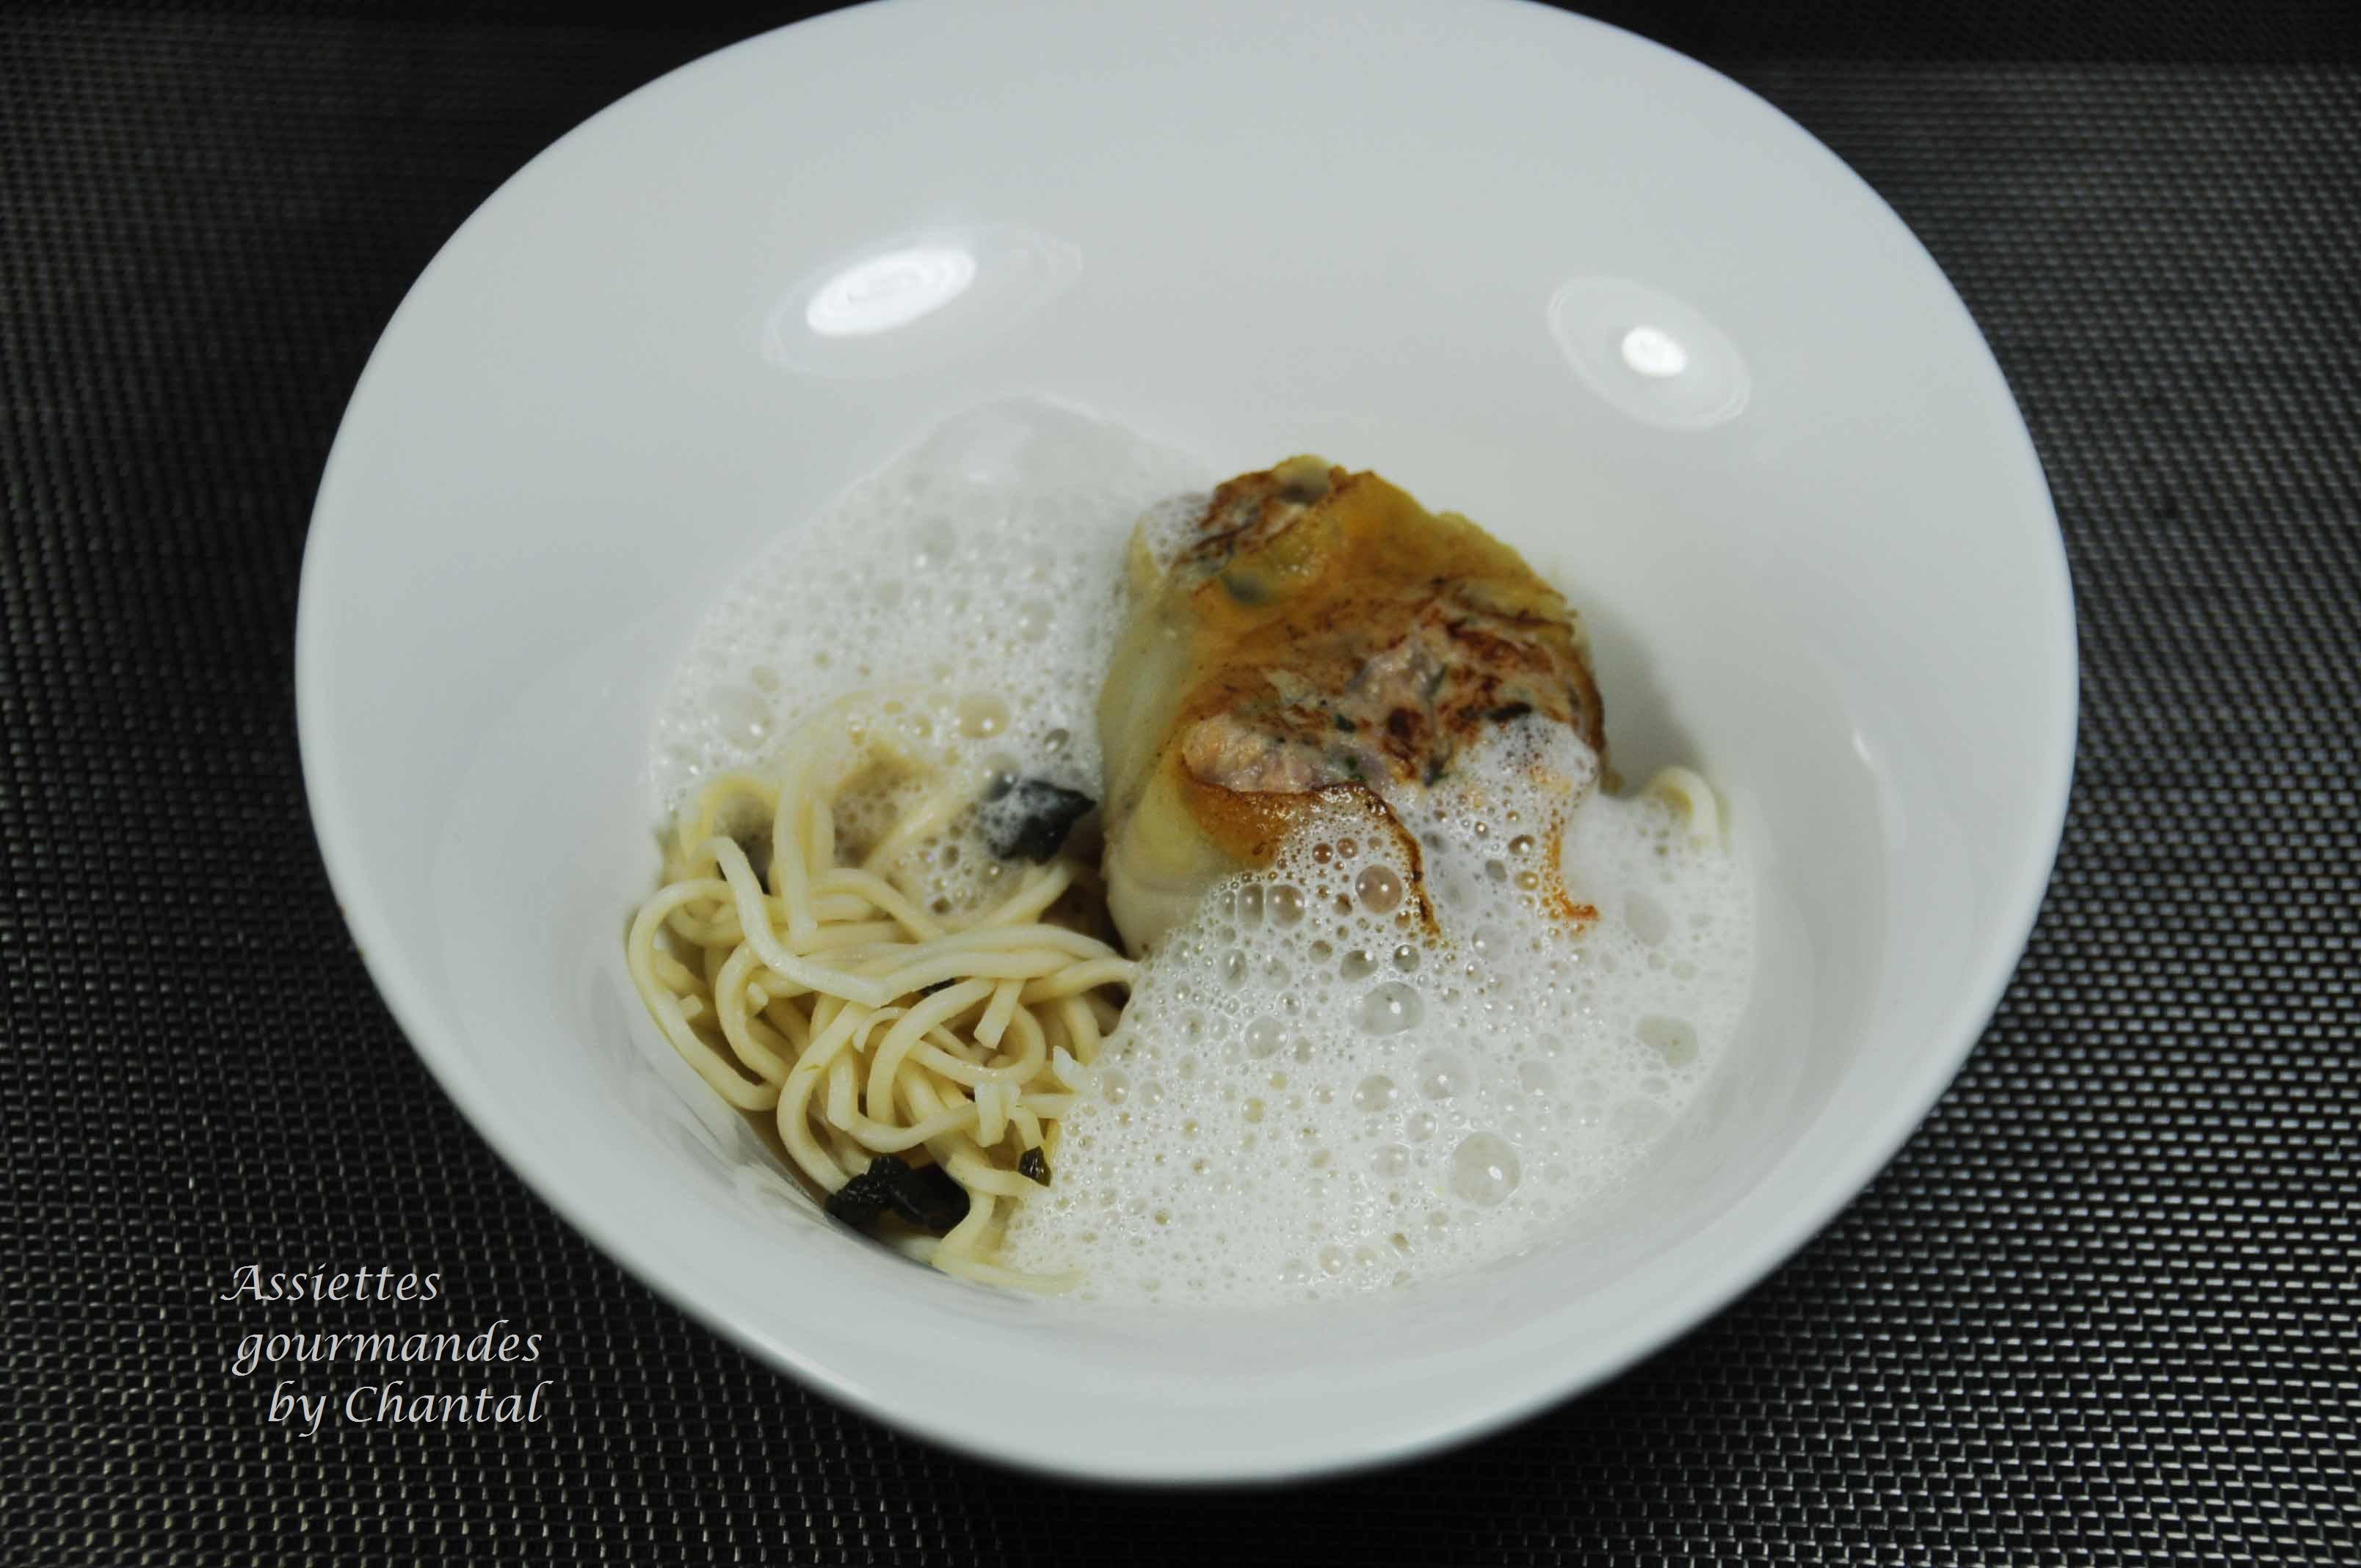 Crépinettes aux huîtres, nouilles chinoises et écume d'huître